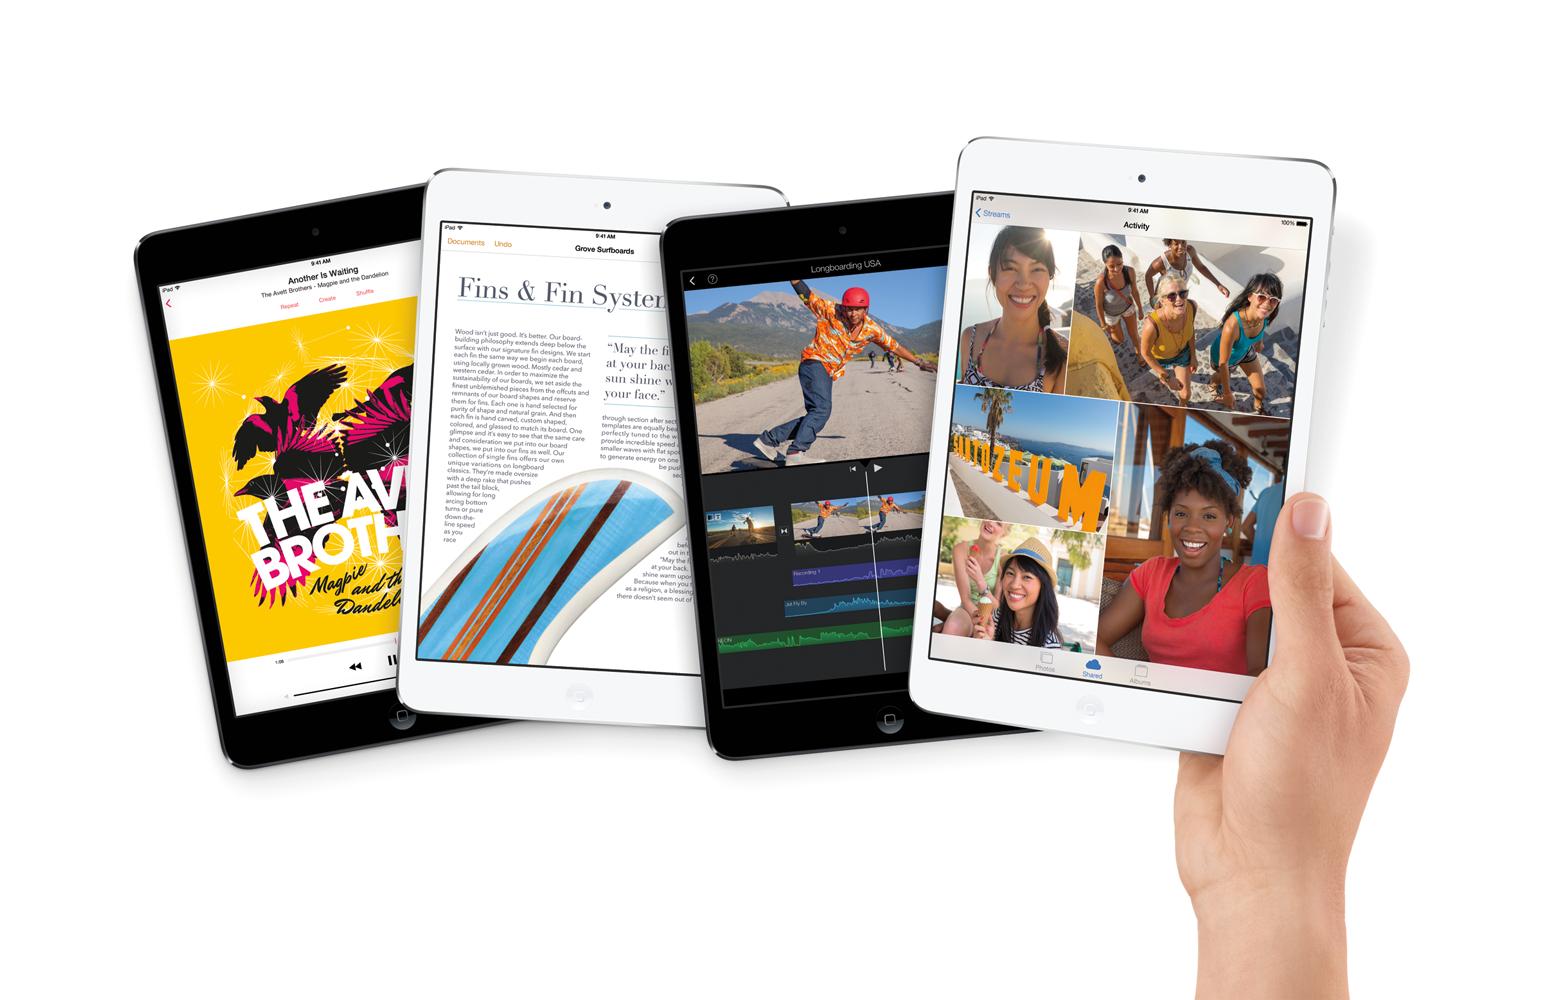 iPad mini Retina 64 GB Wi-Fi 110 Franken günstiger!